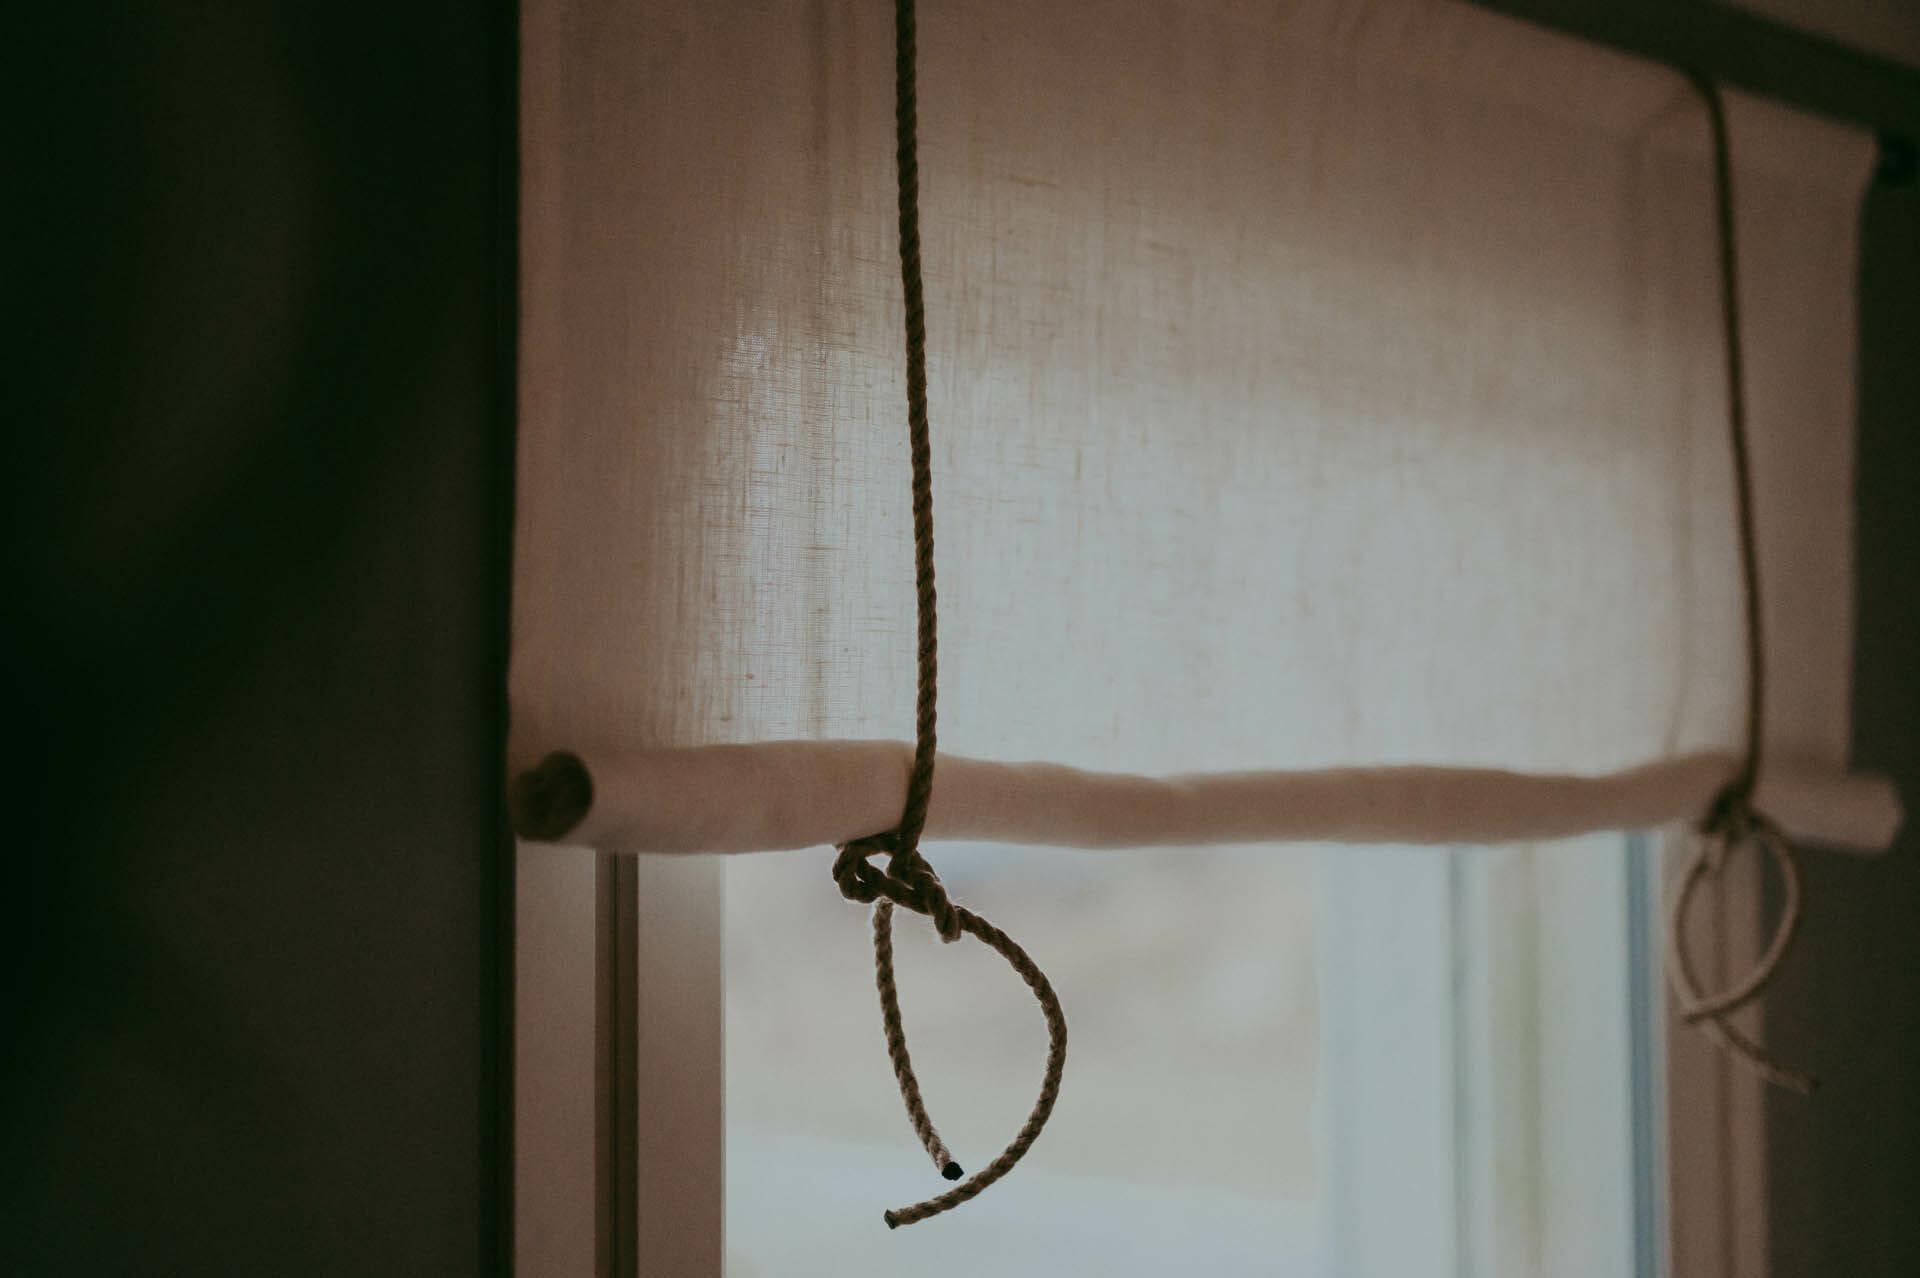 naturvit rullhissgardin med rep i linne hänger i fönster.